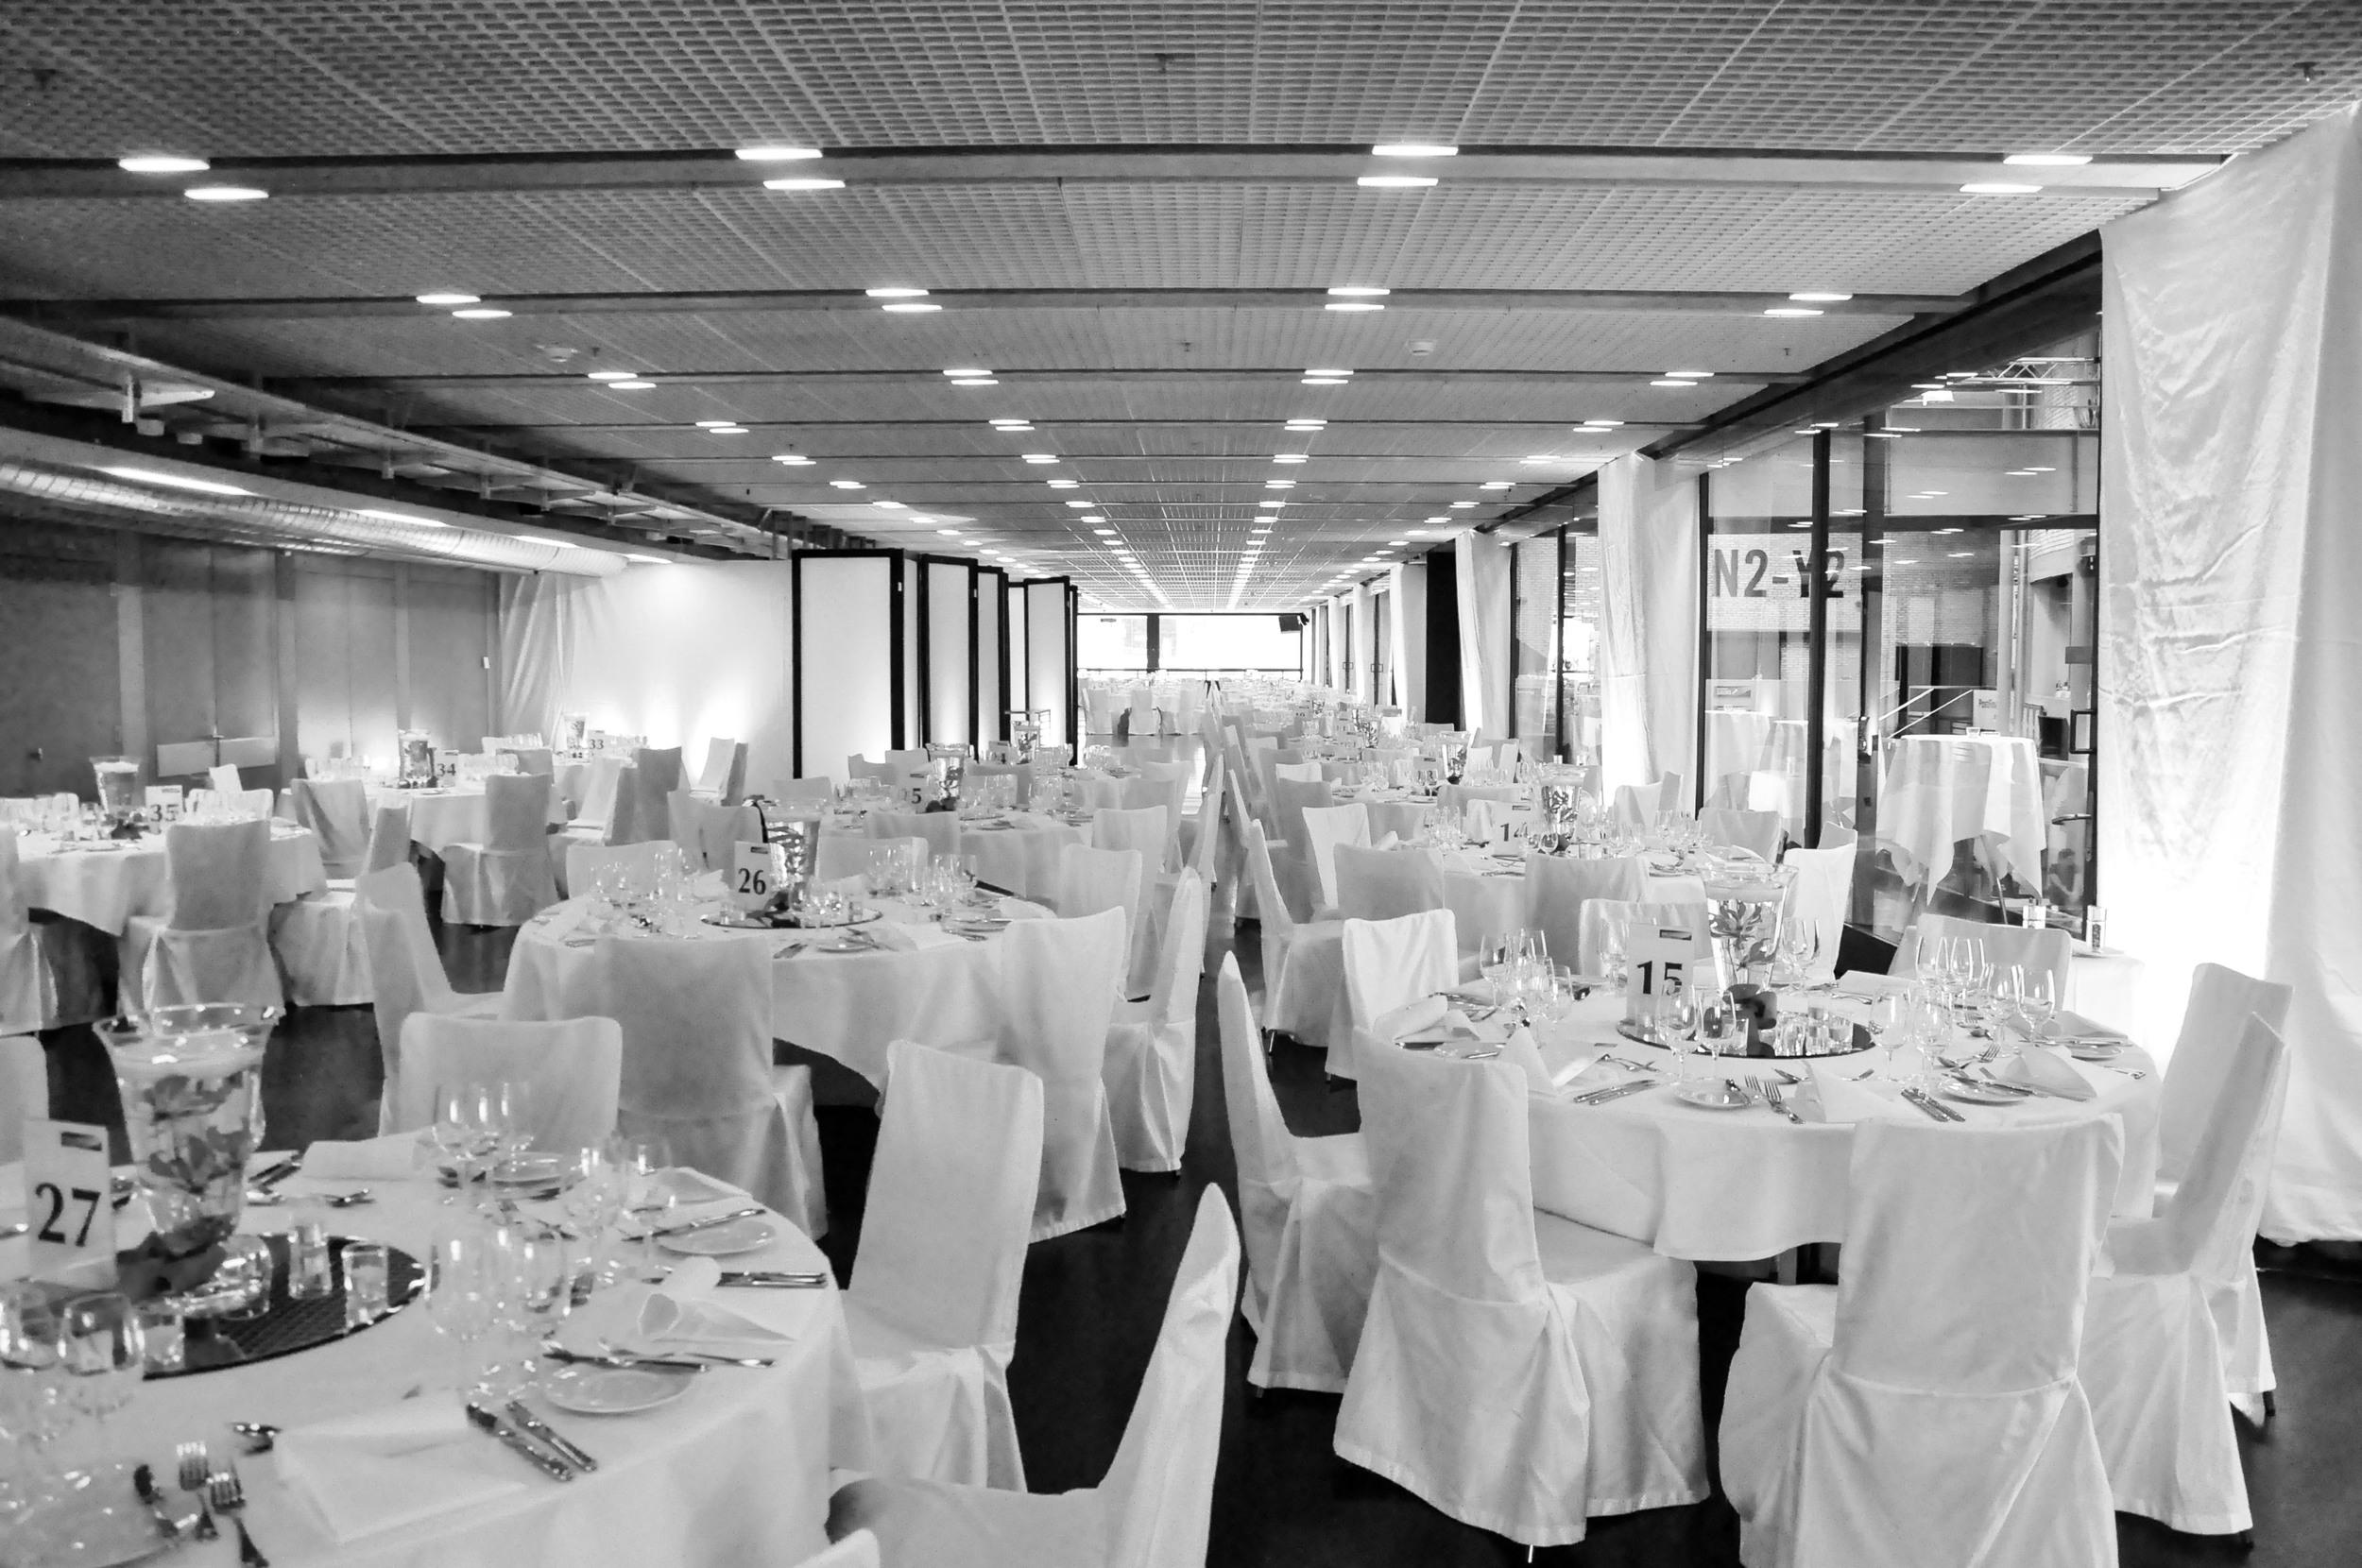 ba_Dinner Gala Hasta.jpg